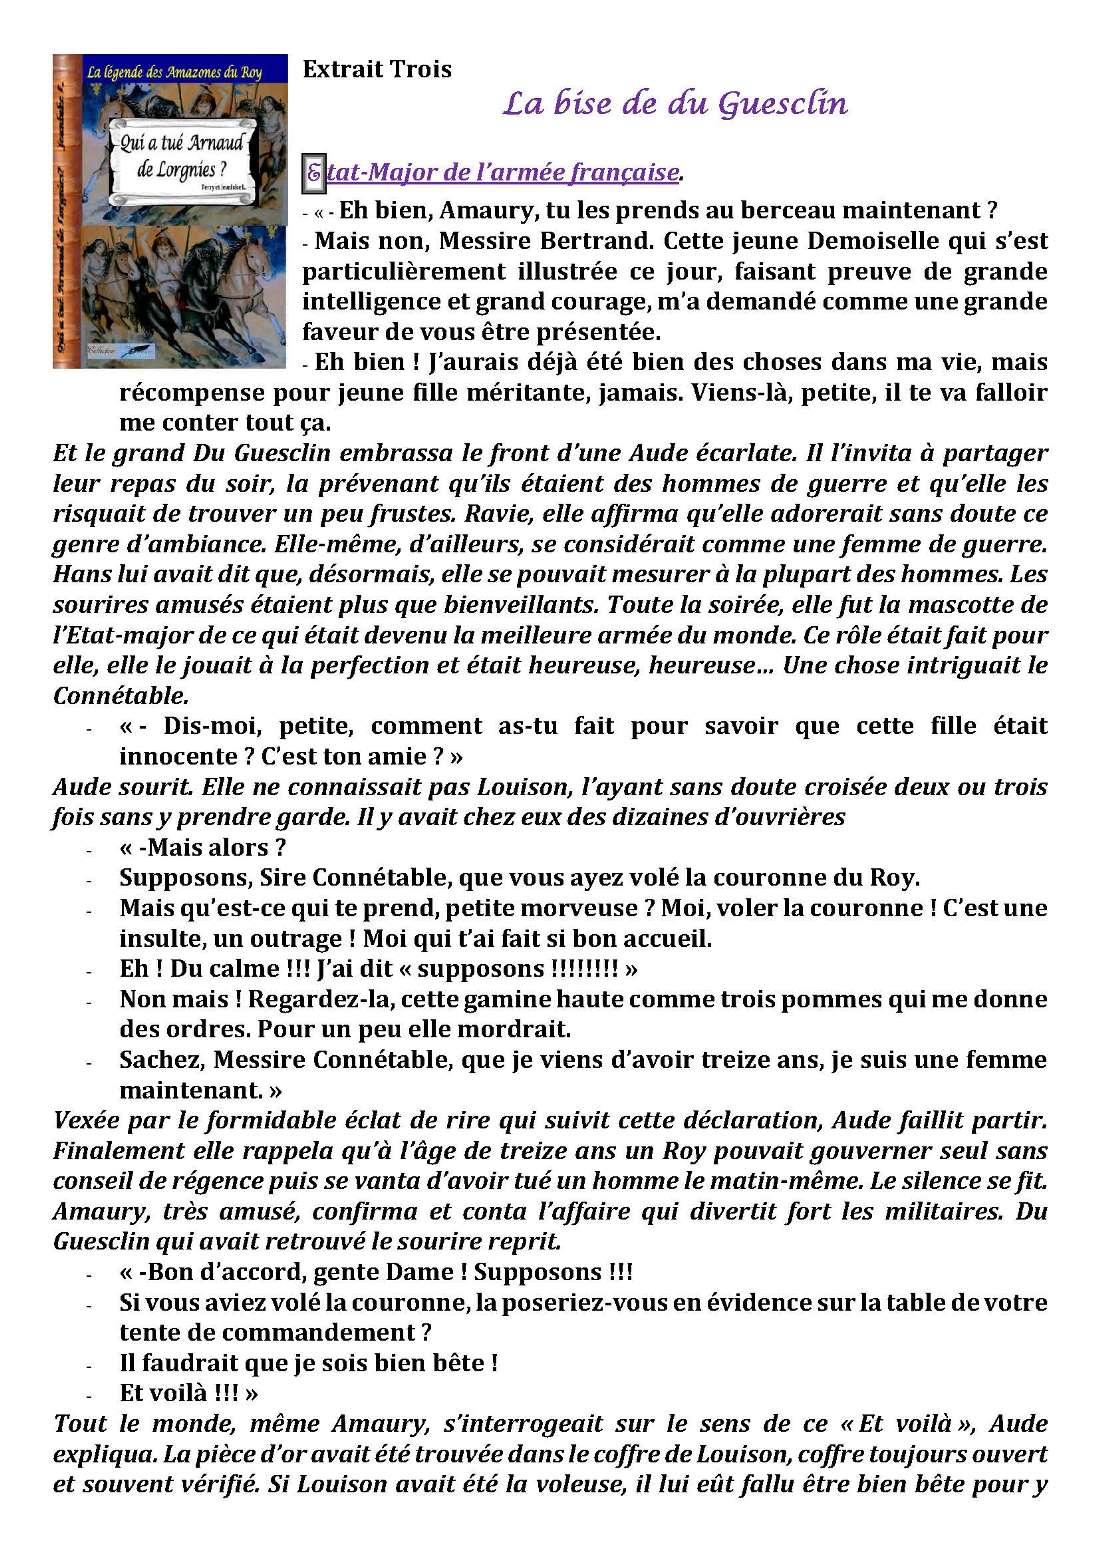 confidences Février 2019 extr-3-la-bise-de-du-guesclin_page_1